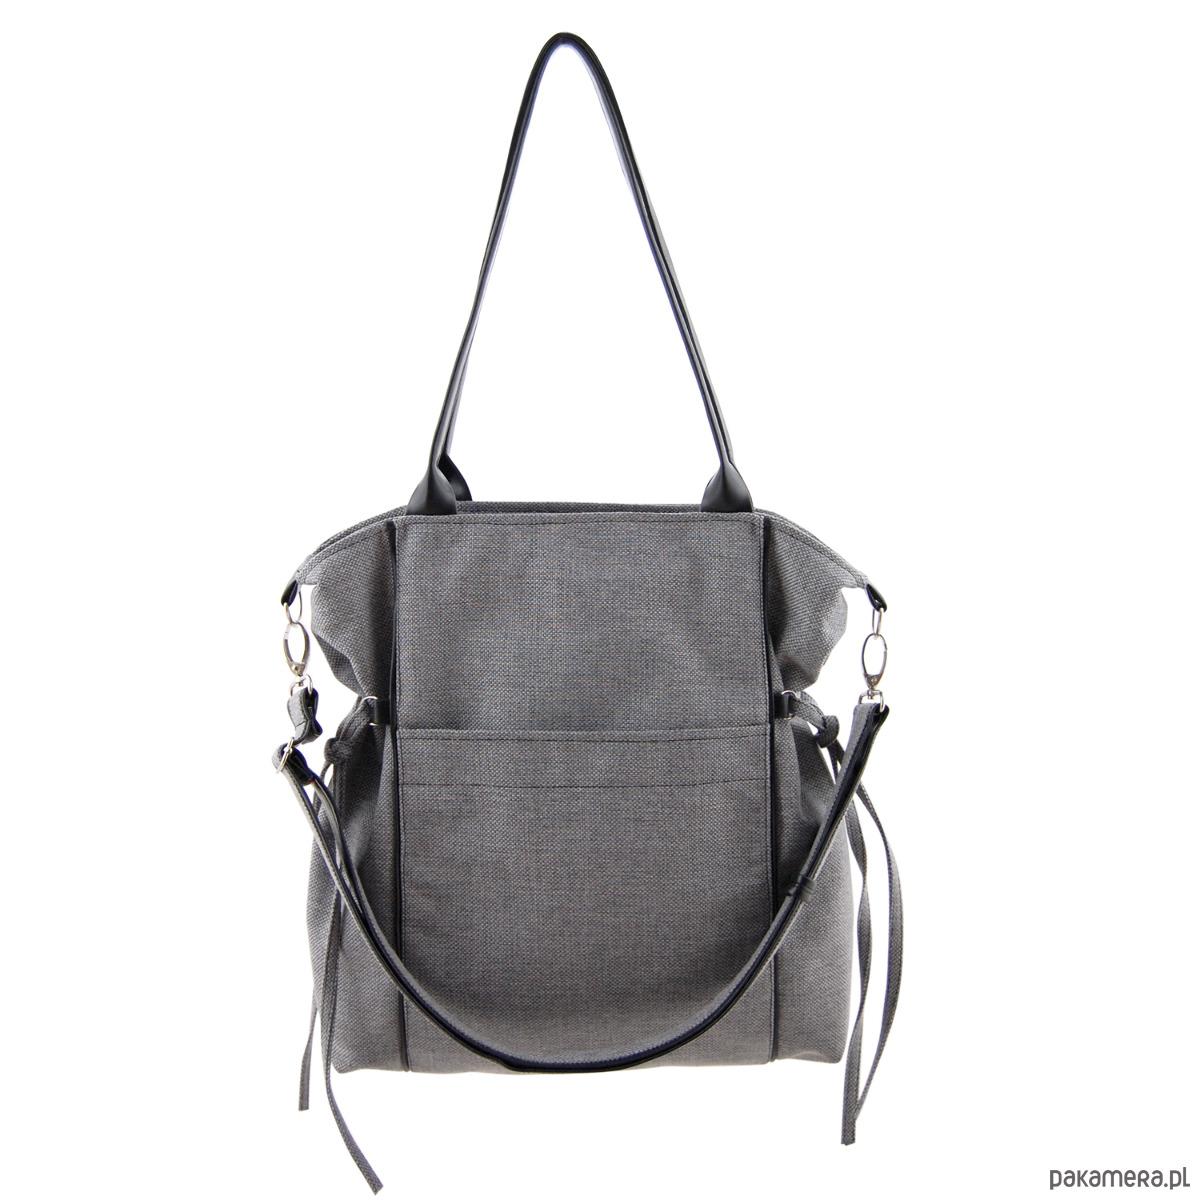 fbe510636a0cf AMBER - duża torba - shopper - szara plecionka - torby na ramię ...